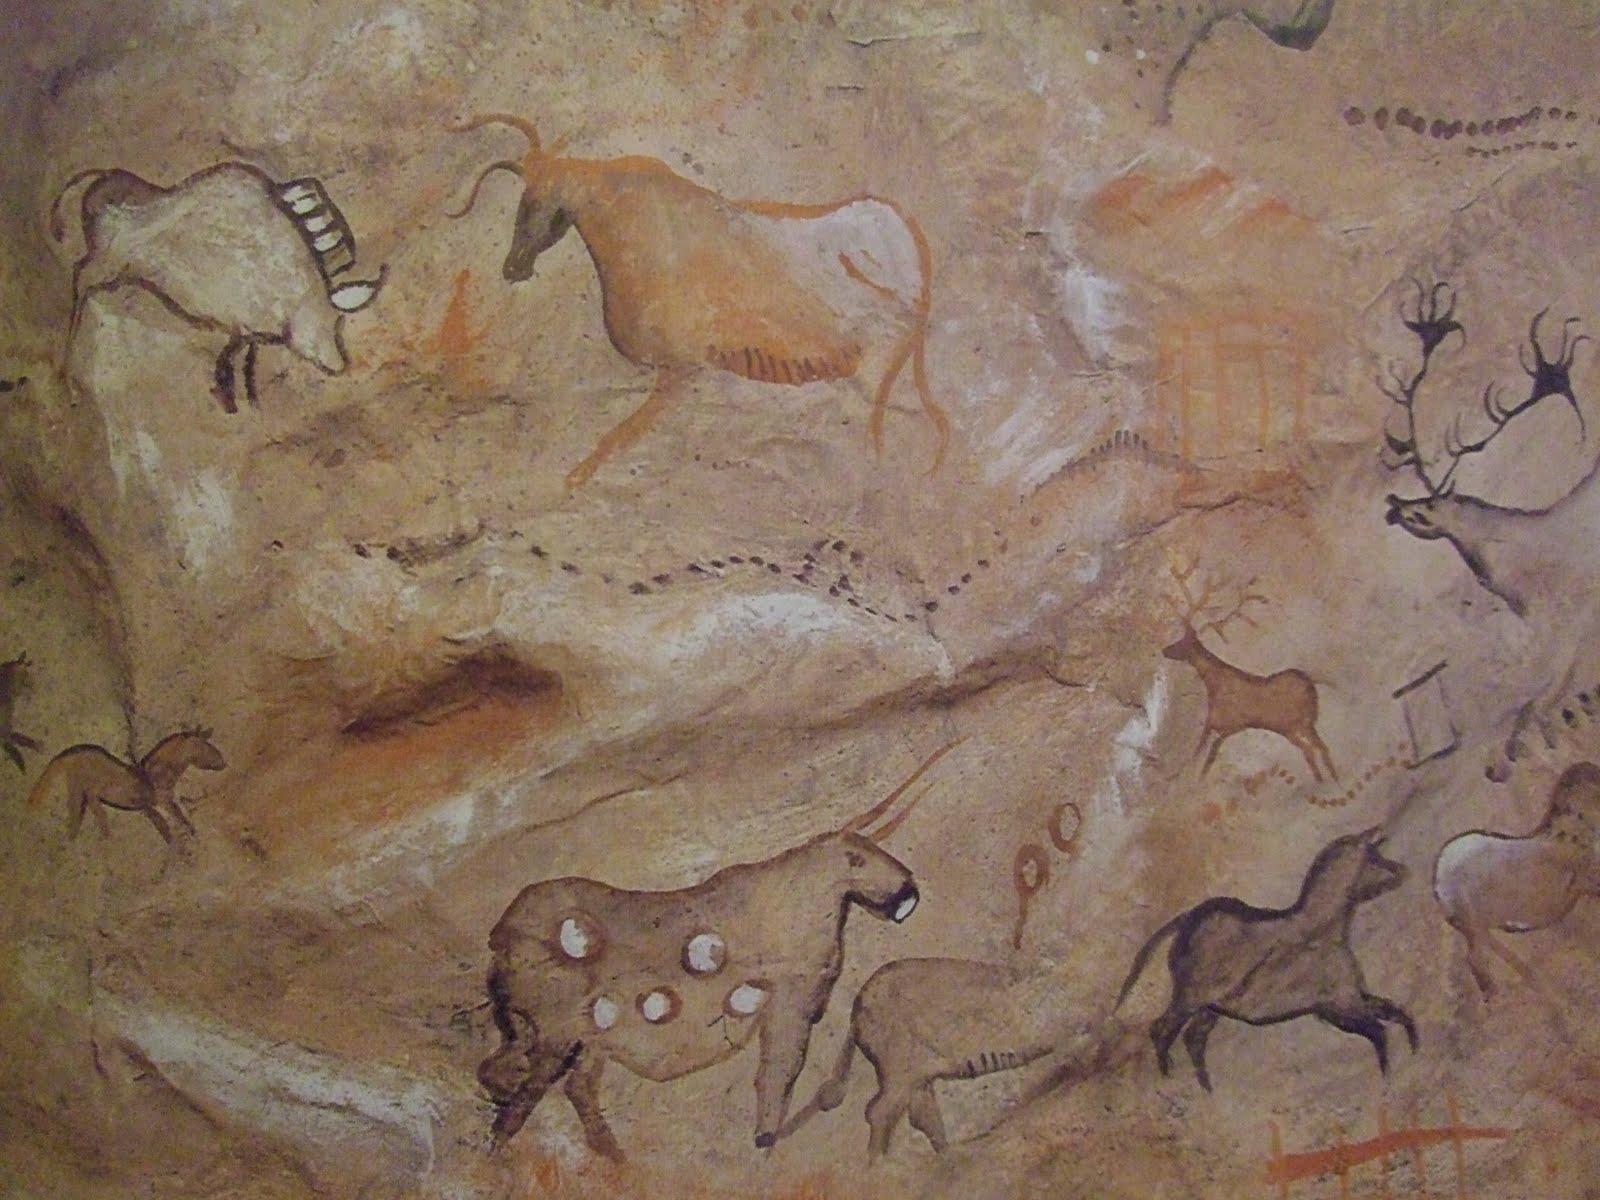 наскальная живопись первобытных людей картинки охота или